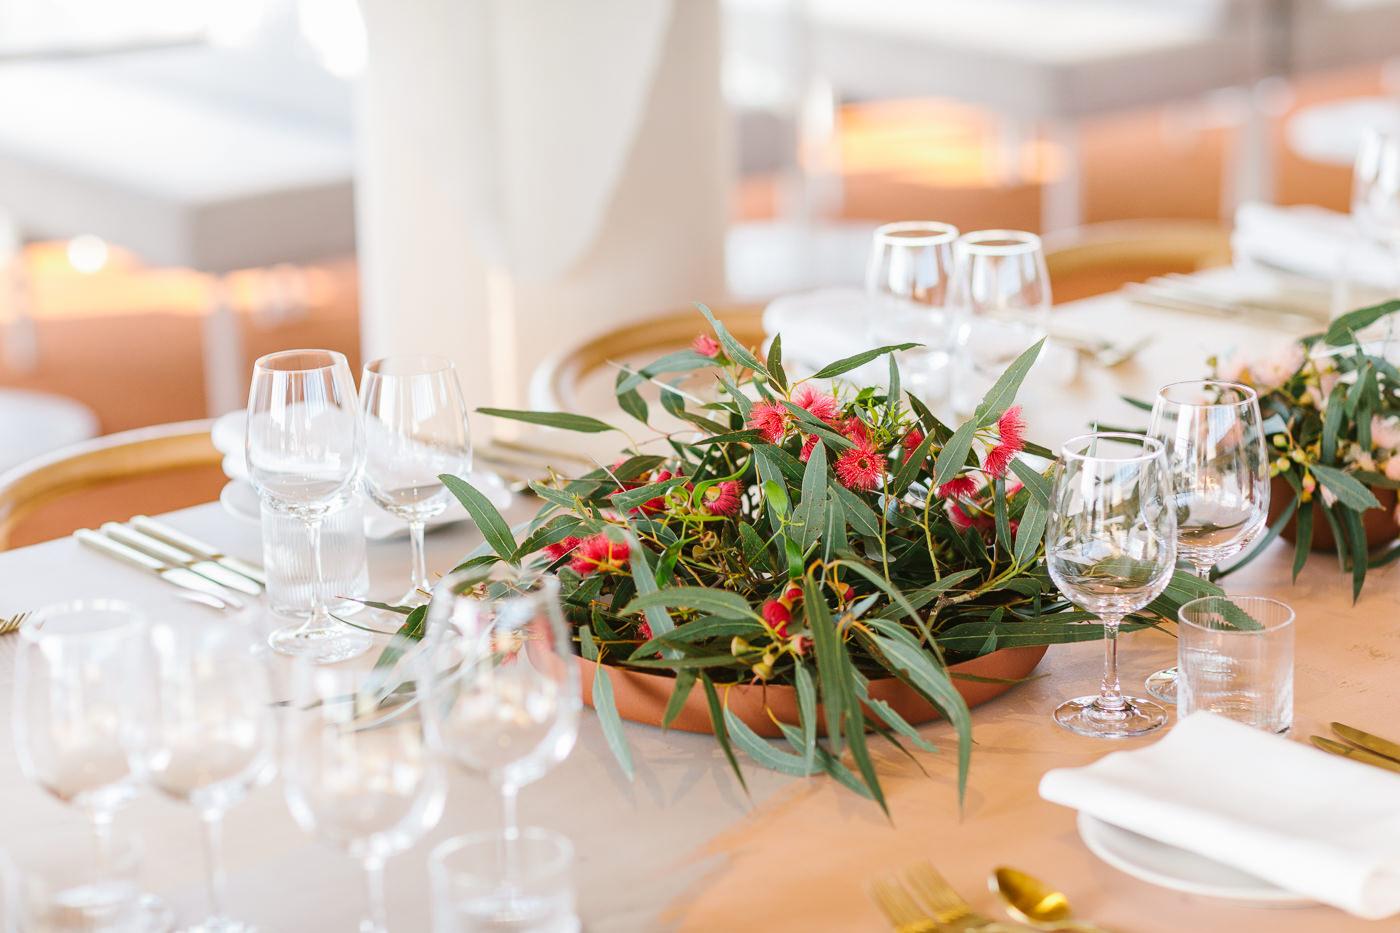 luxury restaurant - Birdcage byu Neil Perry